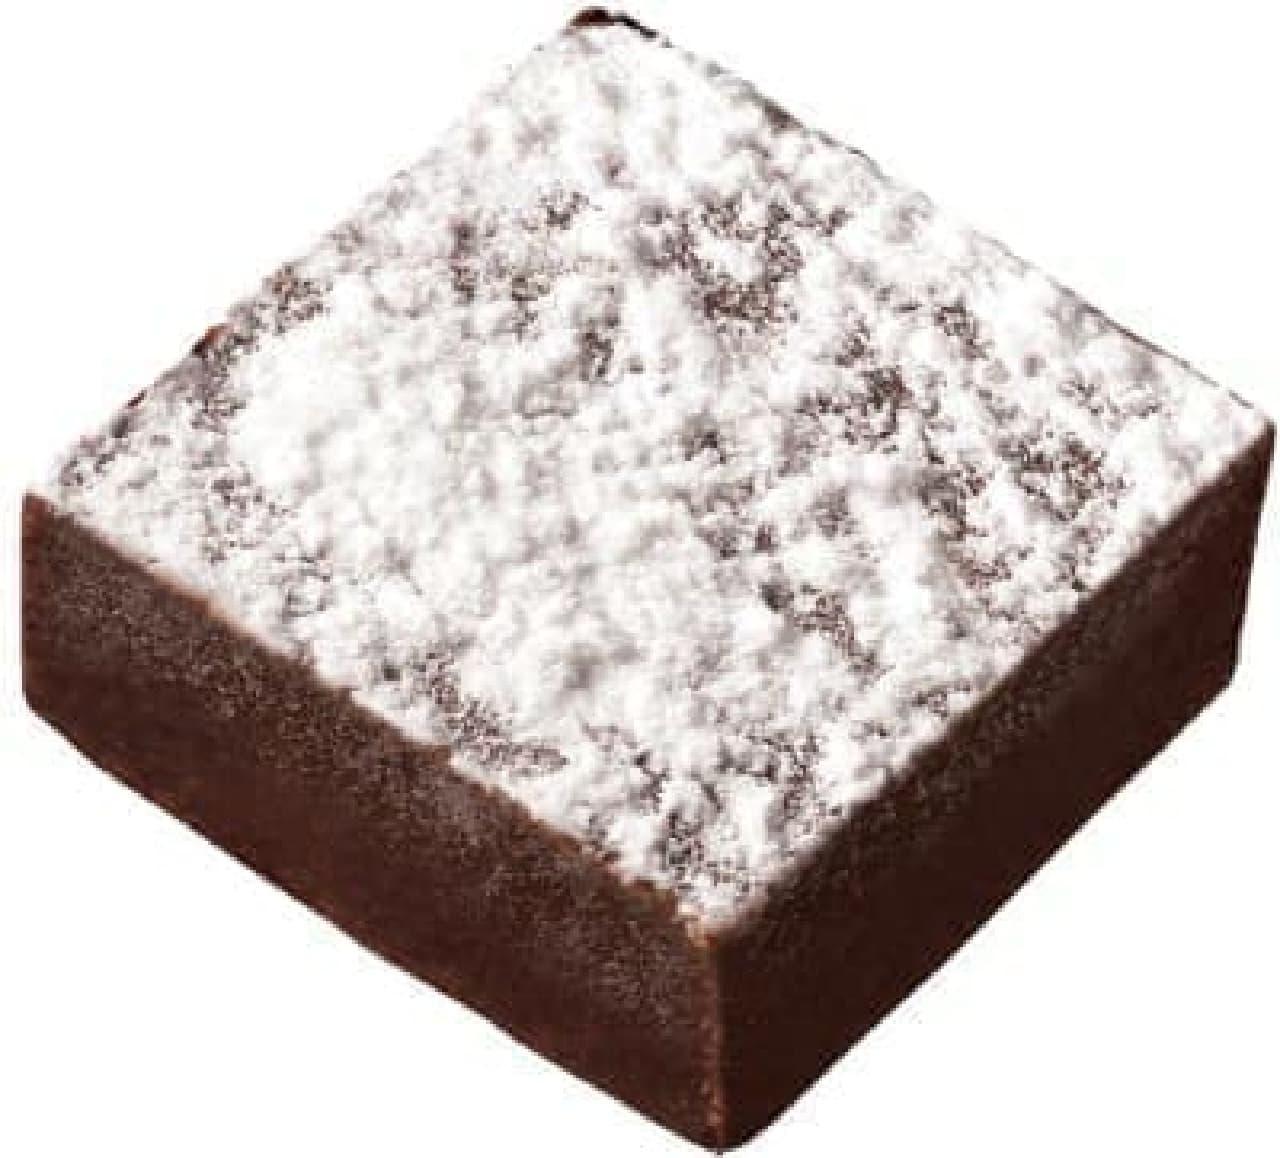 ブルボン「粉雪ショコラ深みカカオ」